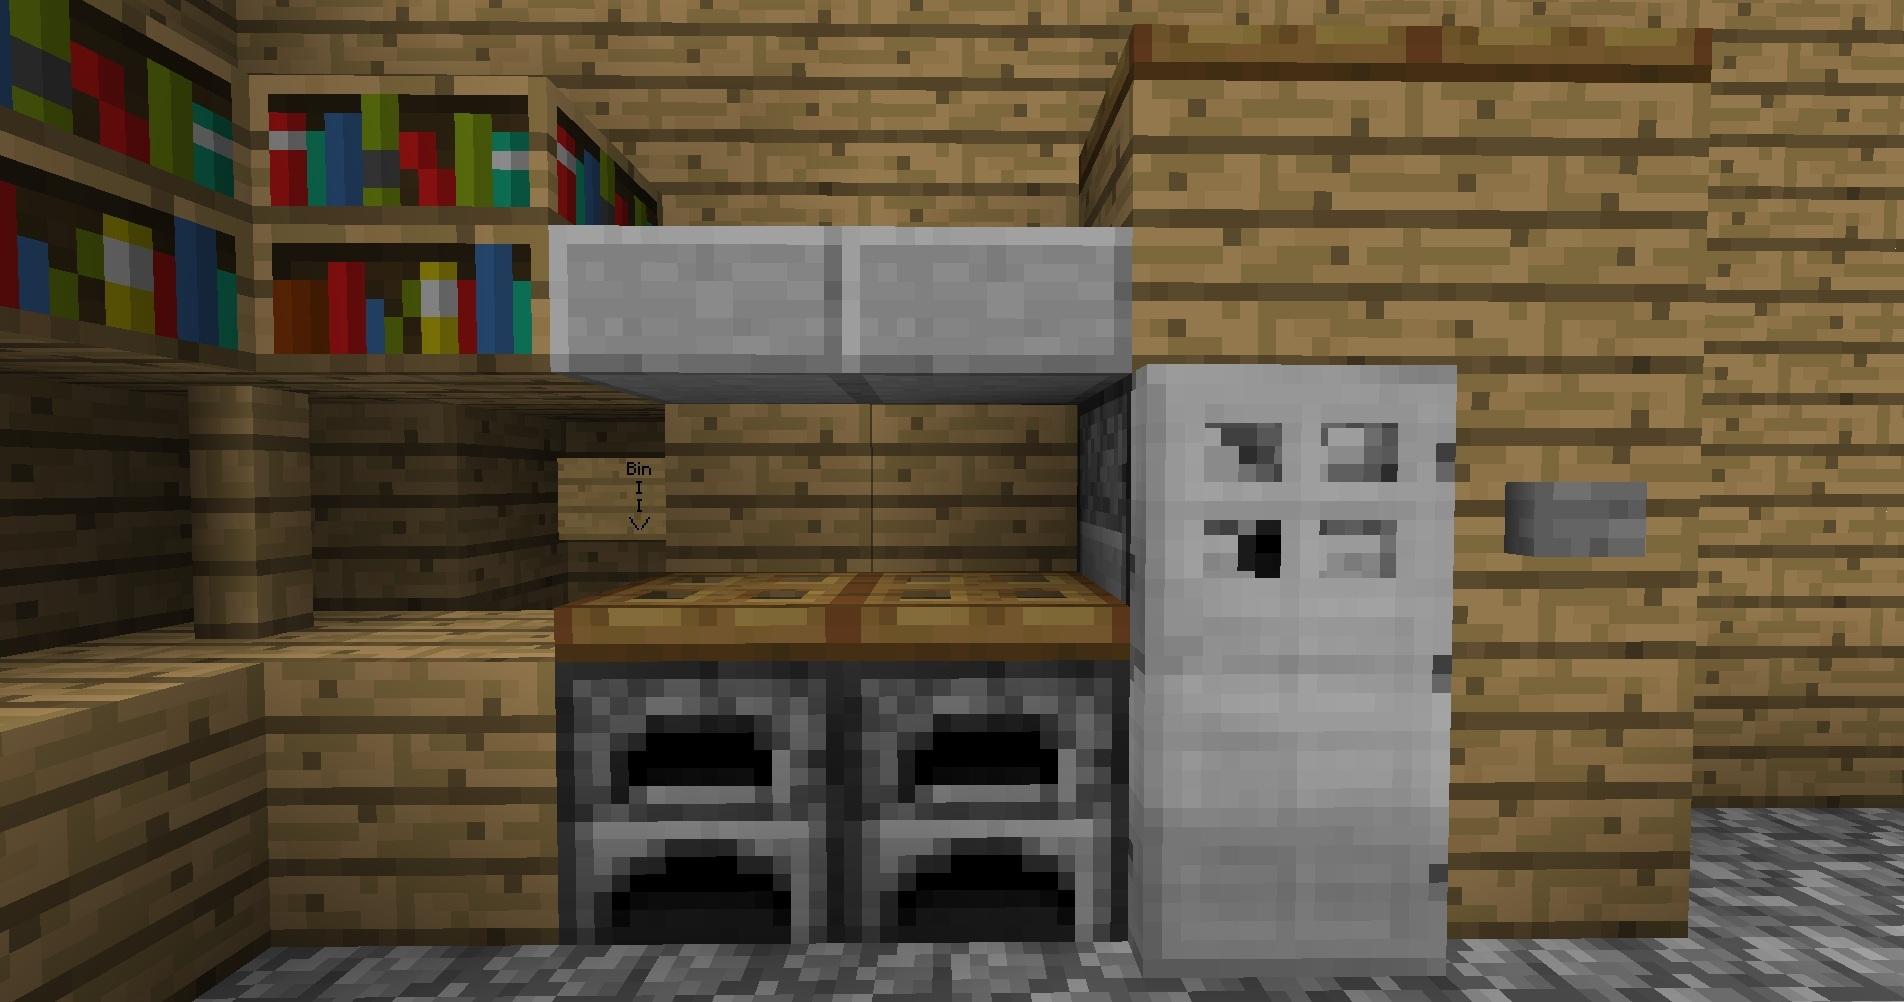 Kitchen minecraftdesign wiki for Minecraft kitchen ideas